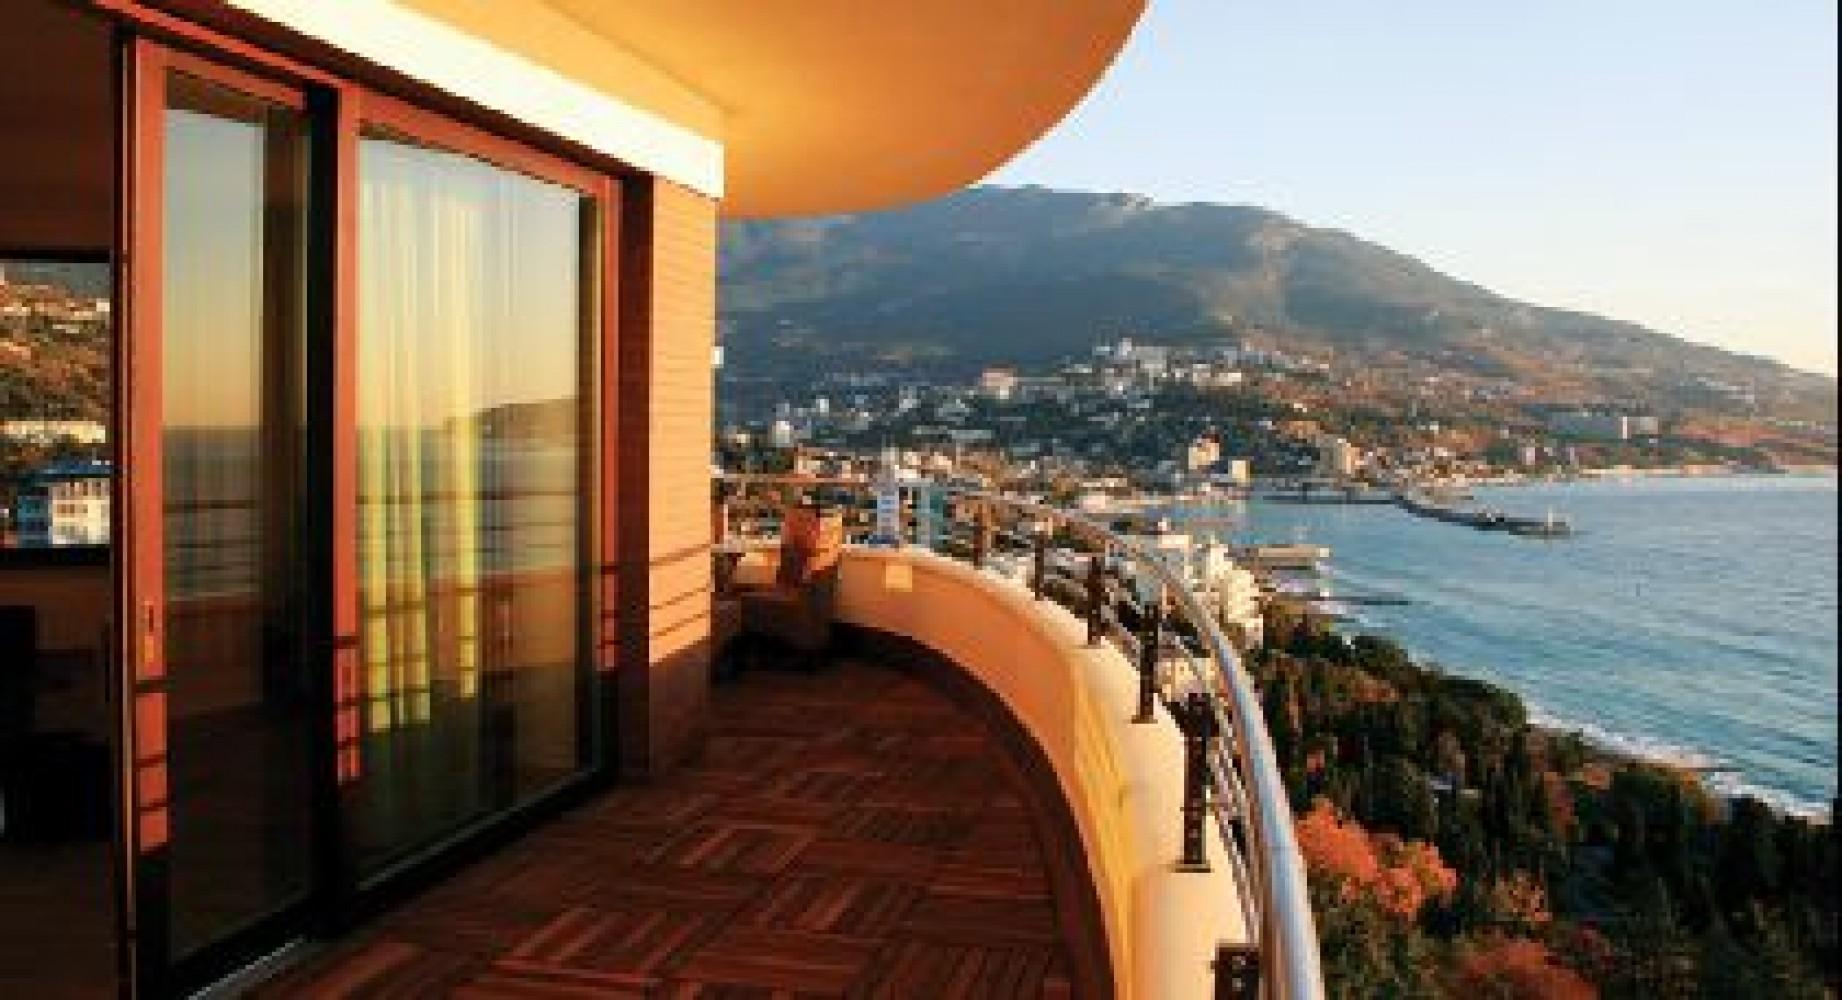 Апартаменты в италии на берегу моря снять